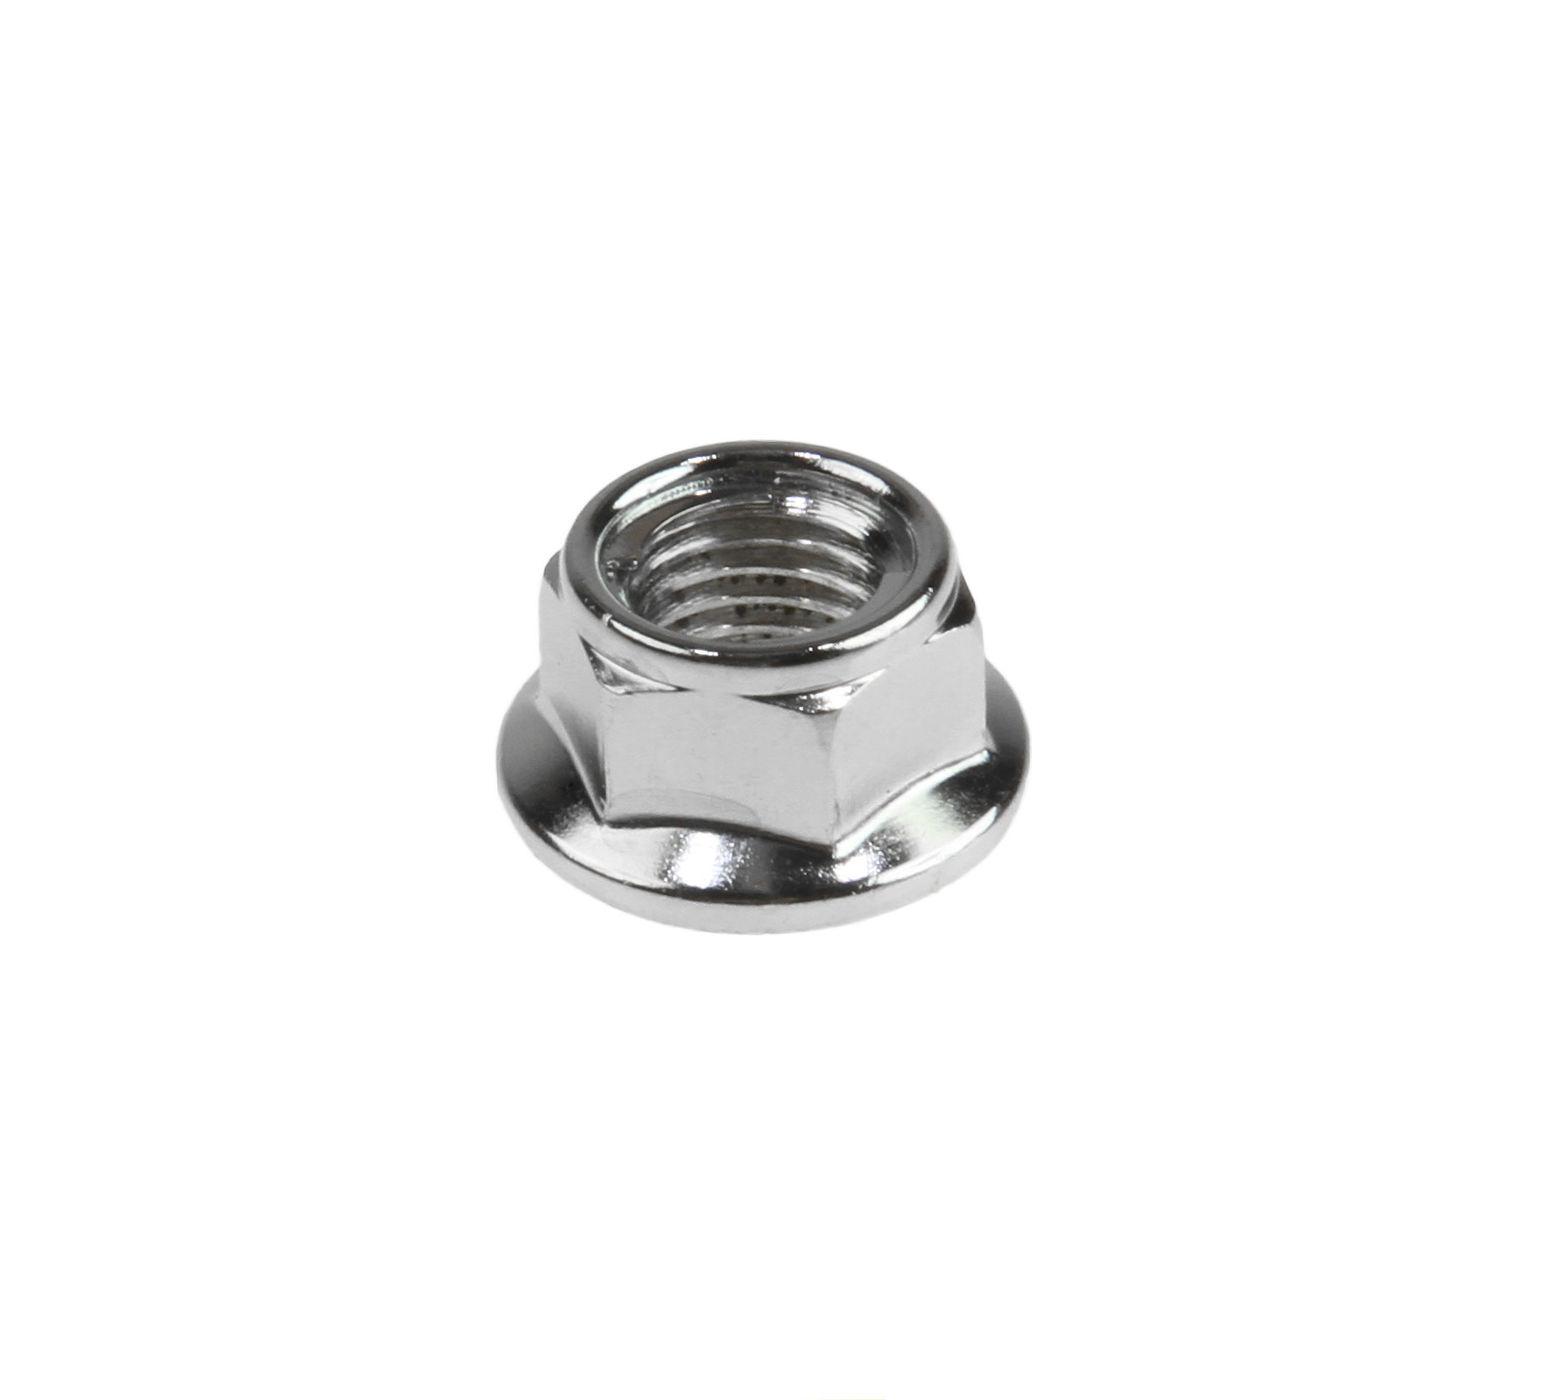 Nut M10, Suzuki 0831931107000